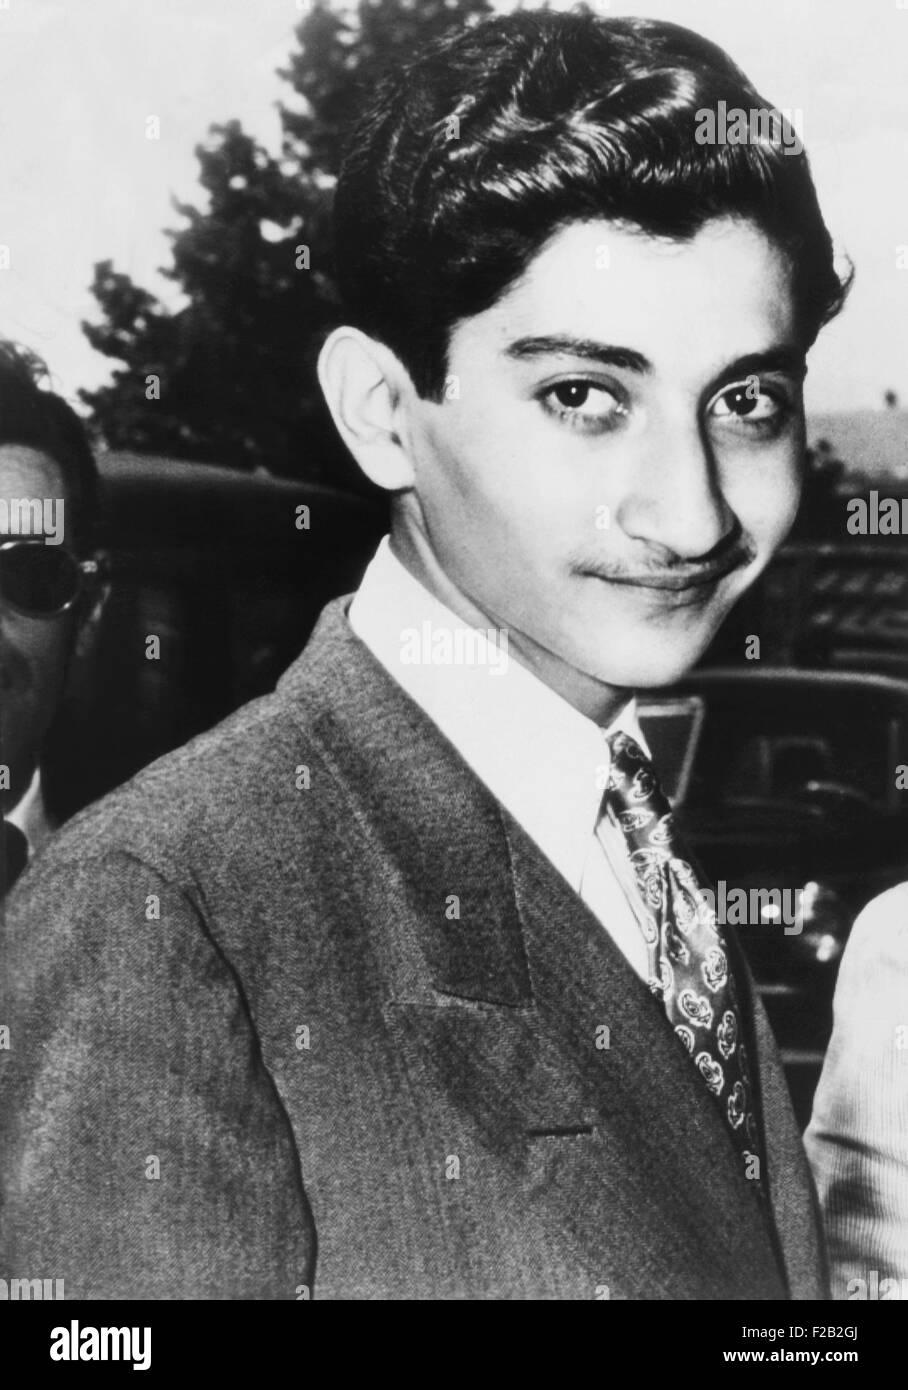 Hamid Riza Pahlavi, 15 ans, demi-frère du Shah d'Iran, à New York le 2 juillet 1947. Il s'échappait par un saut de l'école Paris lié d'un avion à l'aéroport de LaGuardia. Plus tard, il a été banni de la cour du shah. comportement dissolue Après la révolution islamique, il est mort en prison sous le coup d'une condamnation pour possession de drogue en 1992. CSU (2015__8_517) Banque D'Images